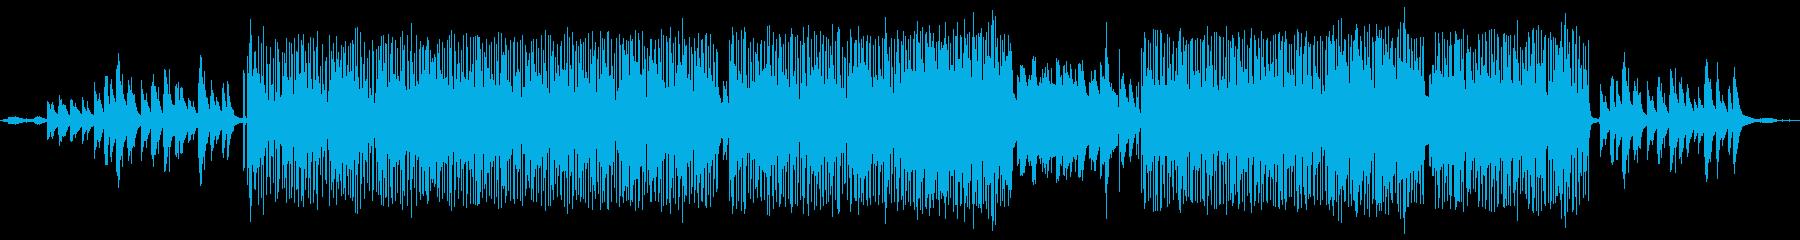 自然をテーマにした映像向け音楽の再生済みの波形